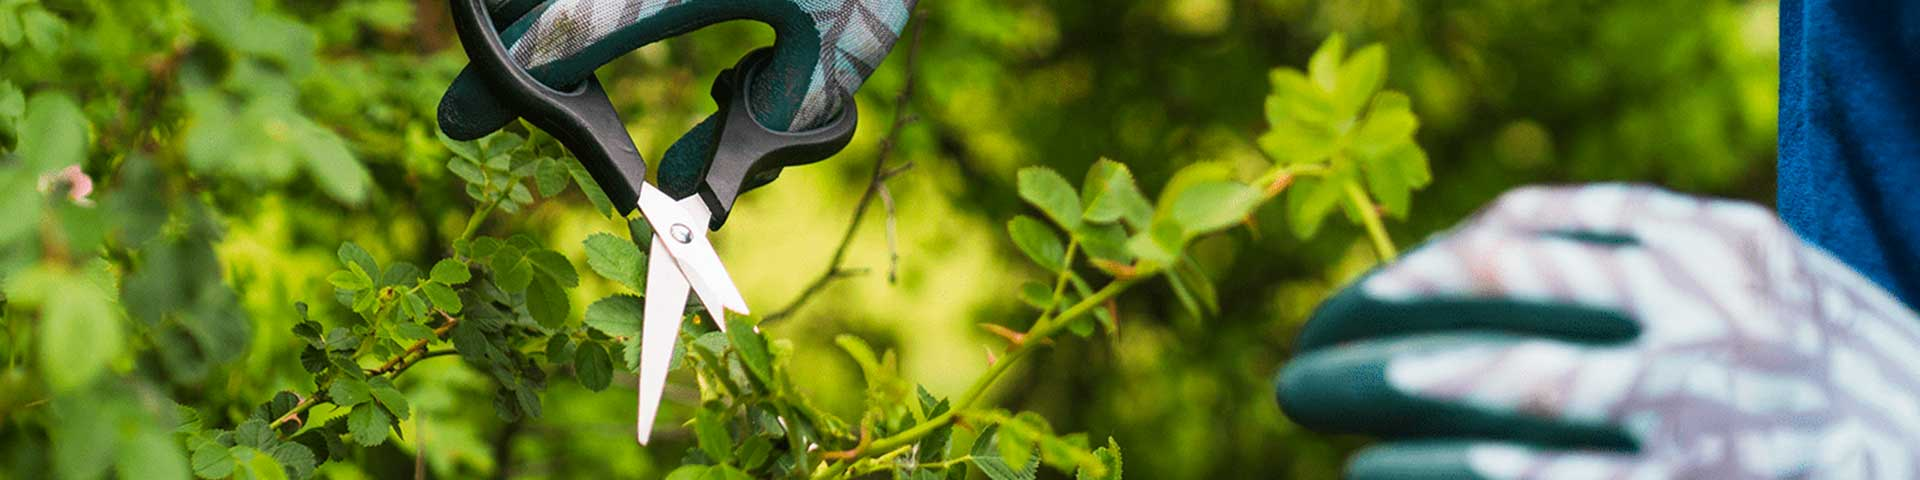 jardinagem-e-meio-ambiente